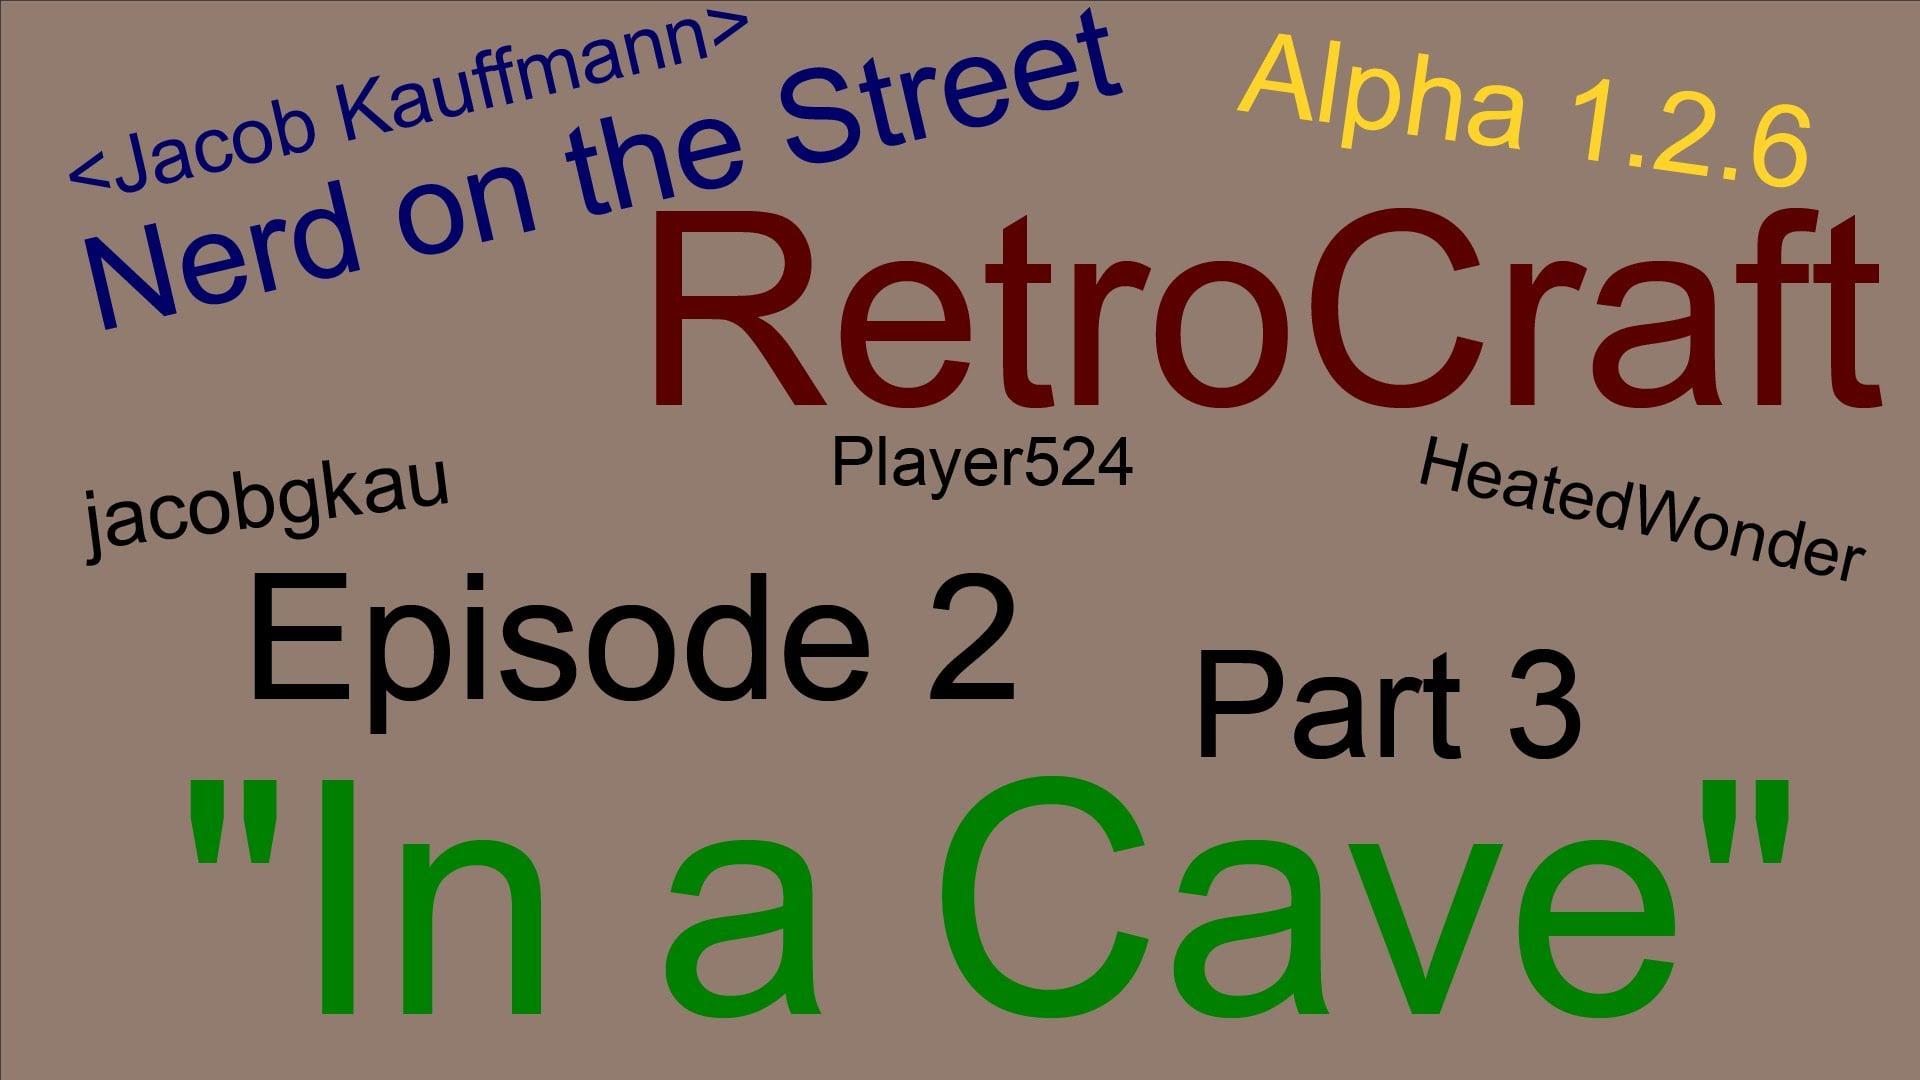 In a Cave - Part 3 - RetroCraft